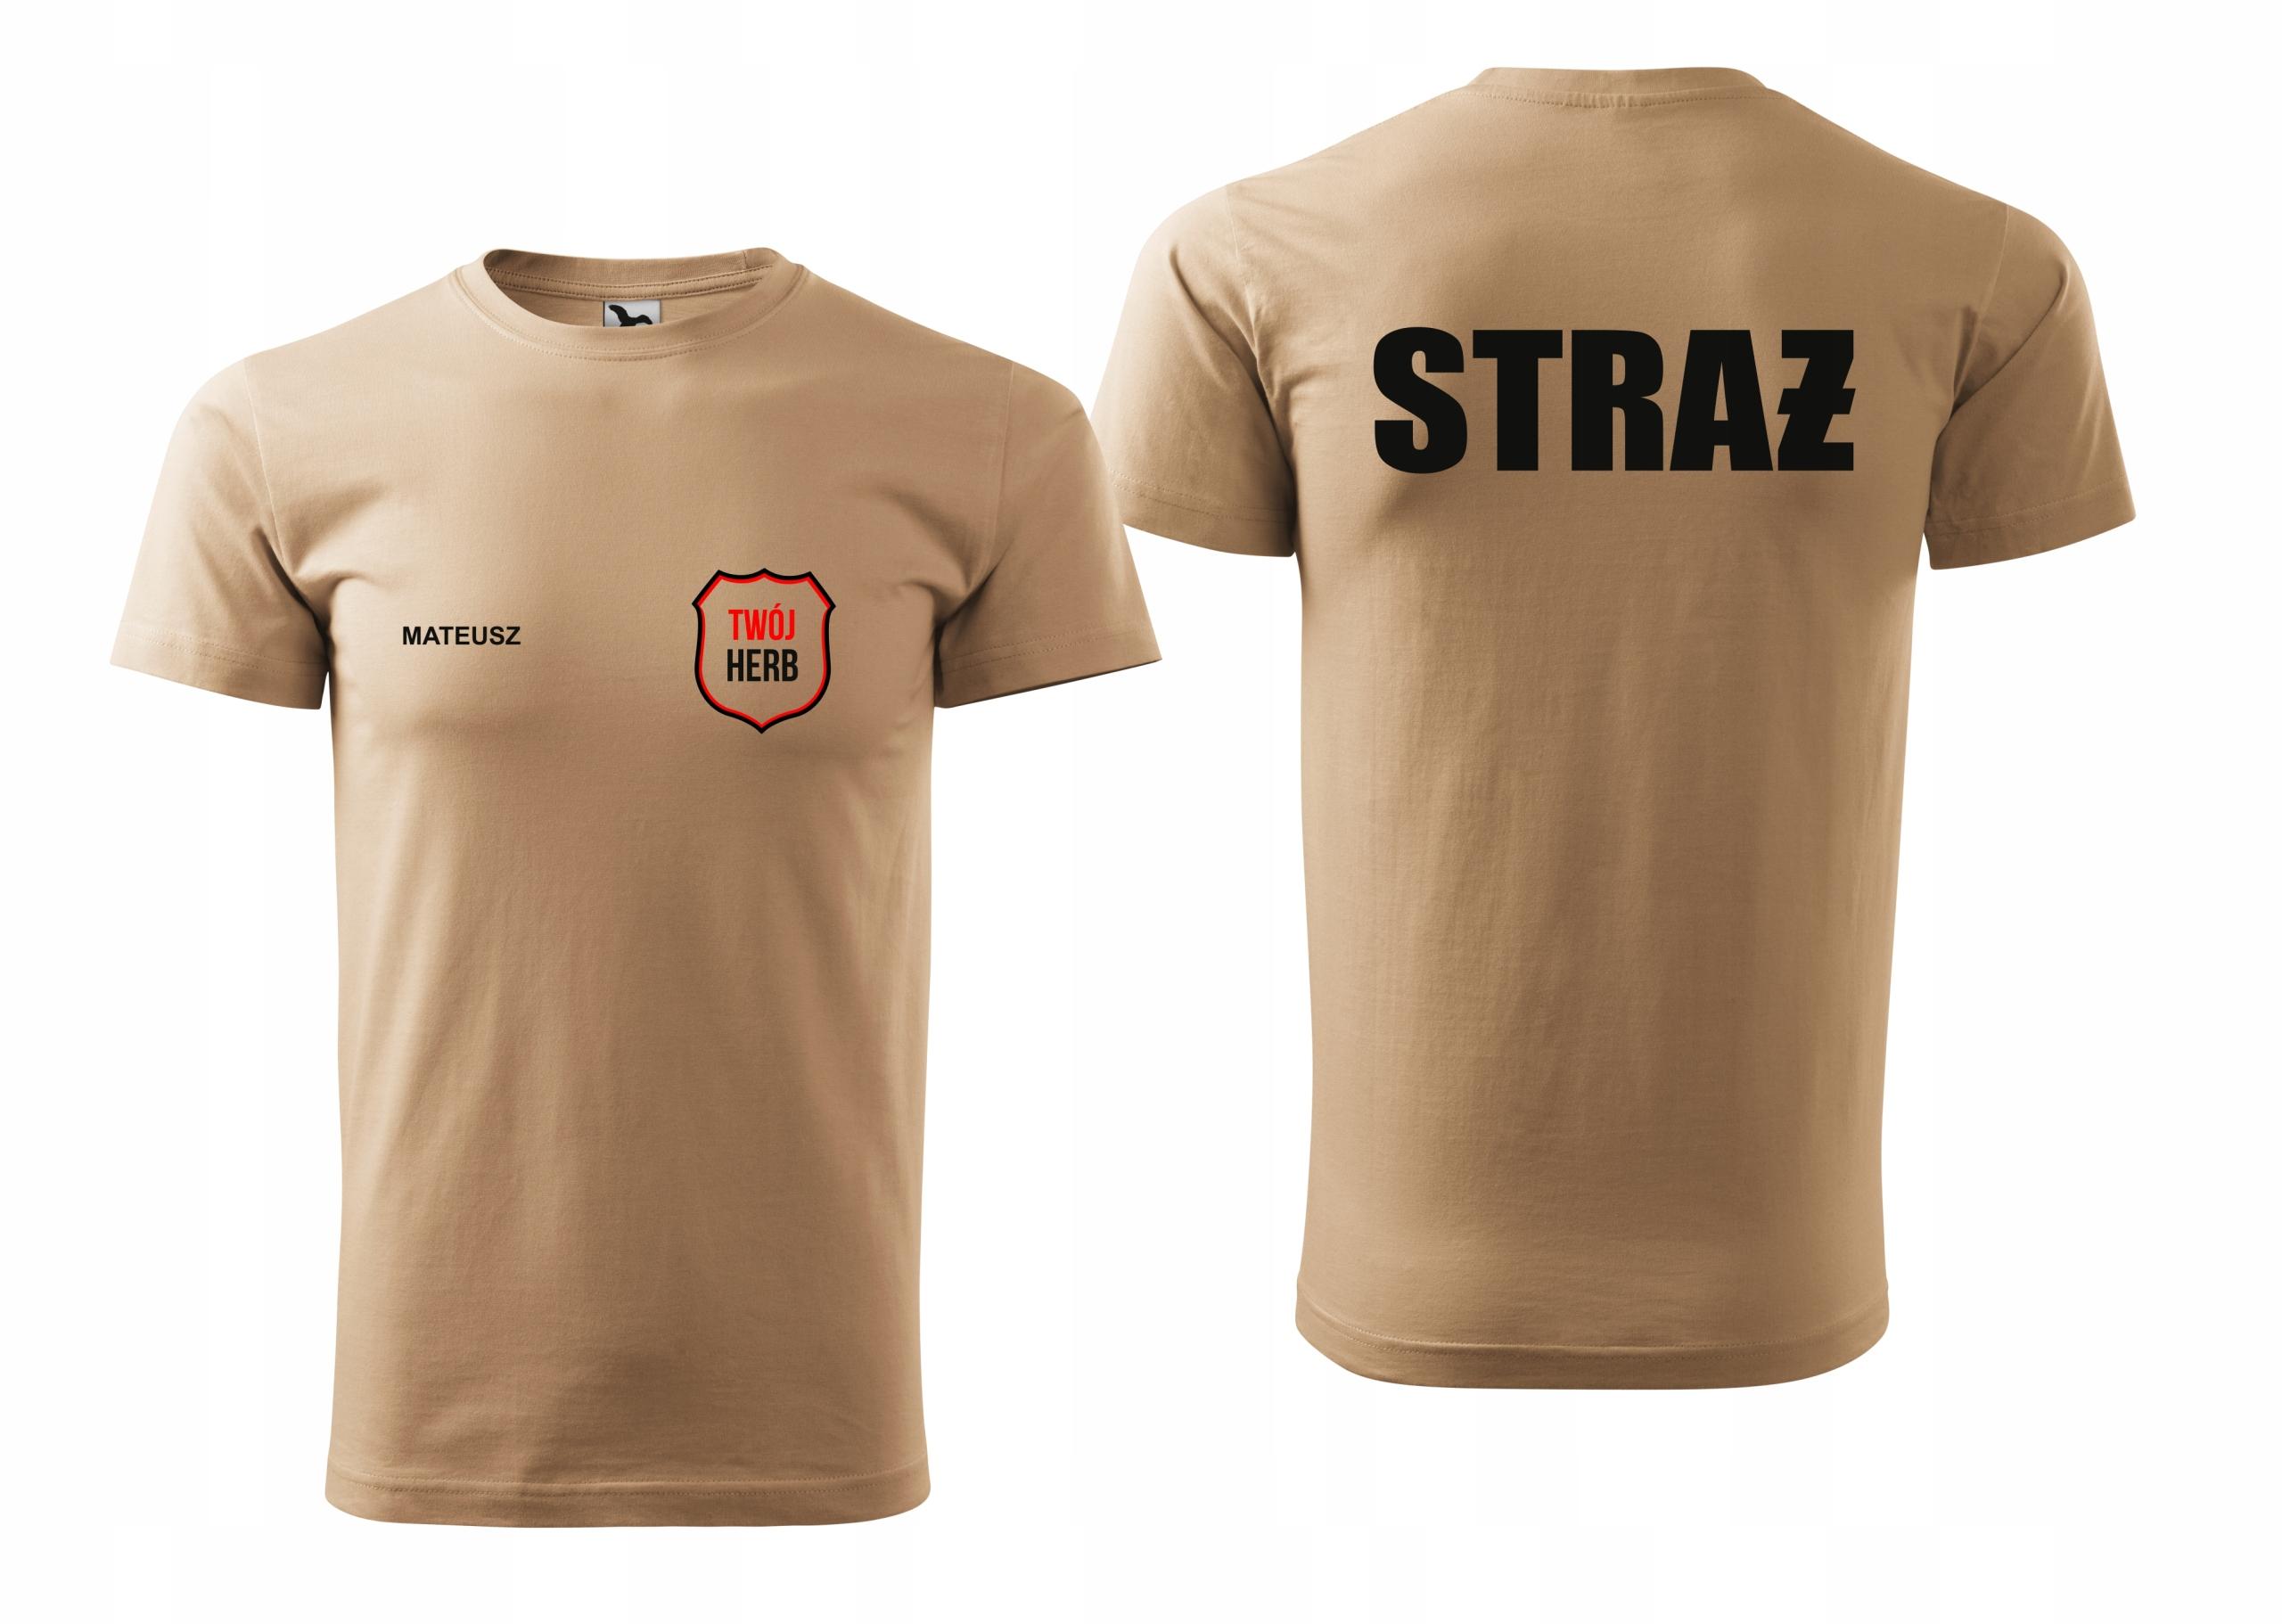 Рубашка индивидуальная песочная STRAŻ OSP MDP S-4XL